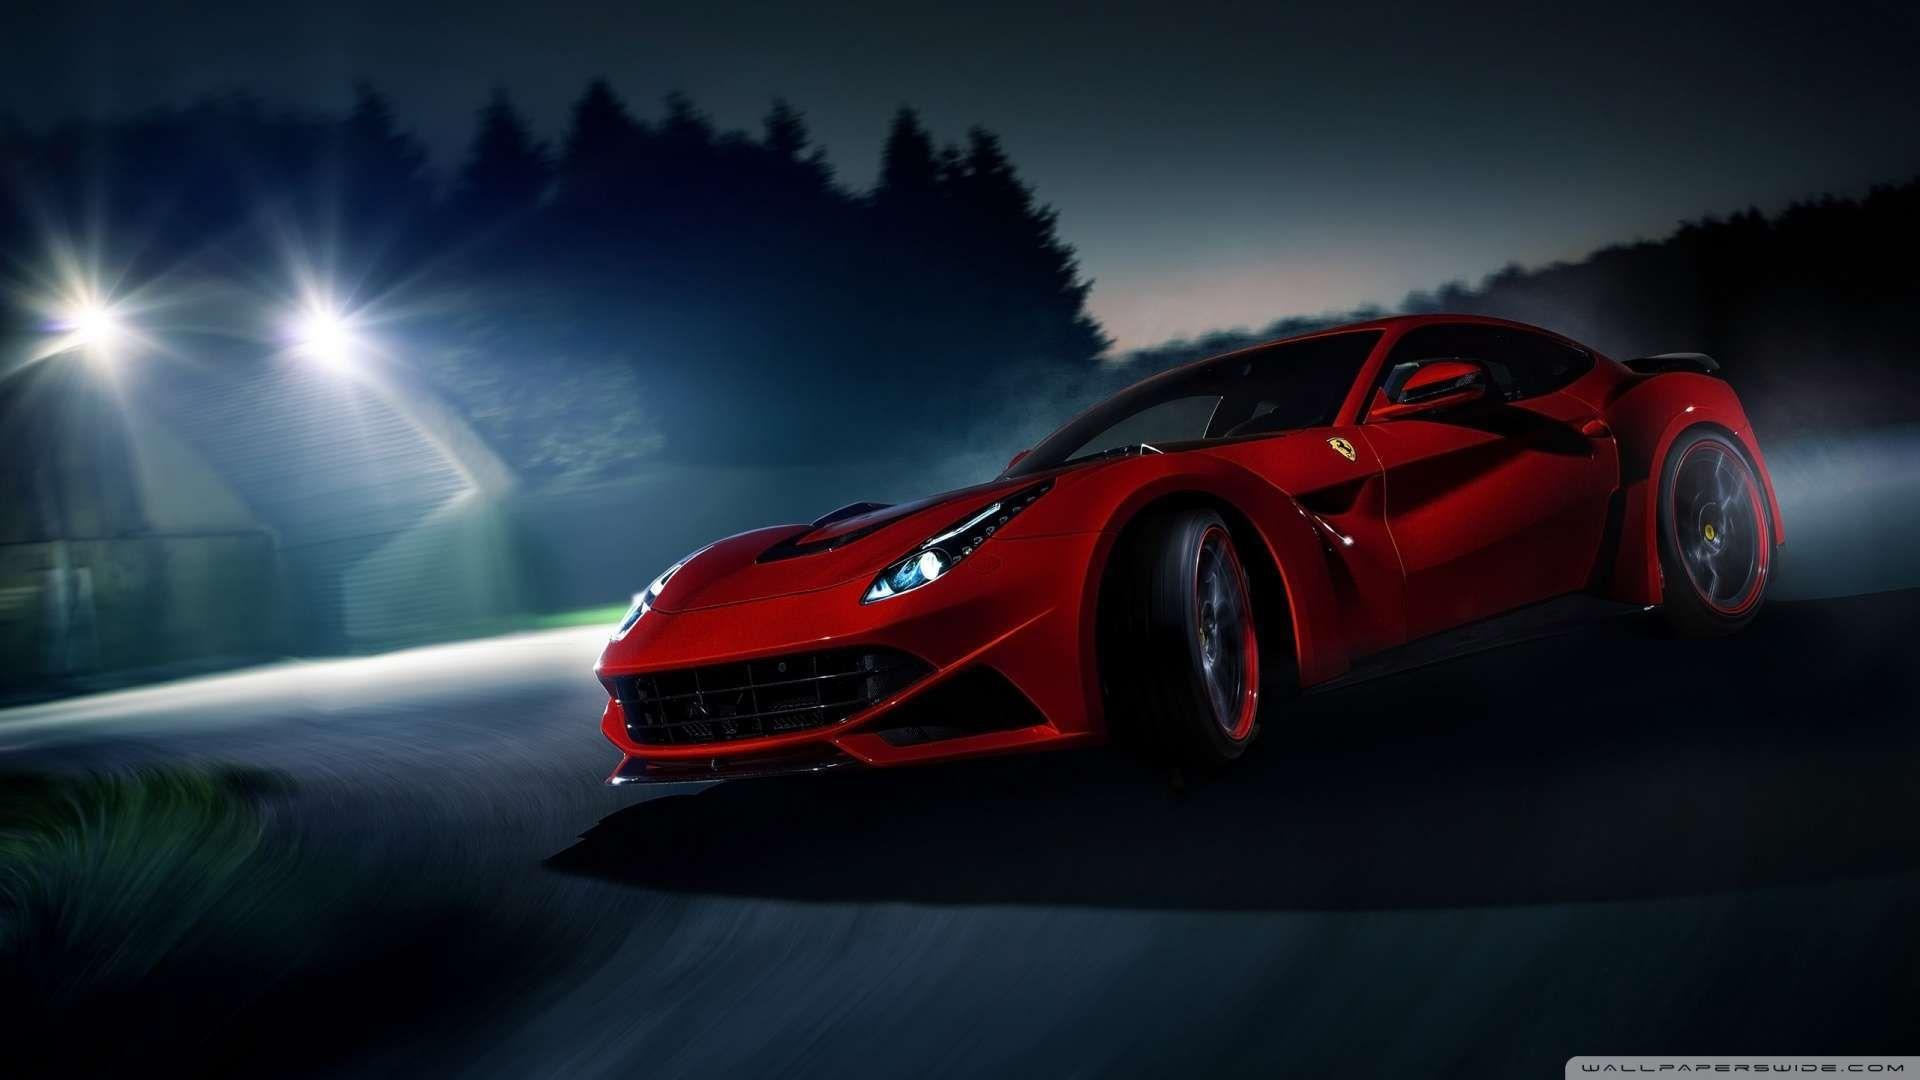 Ferrari Hd Wallpaper 1080p HD Wallpapers On Picsfair.com